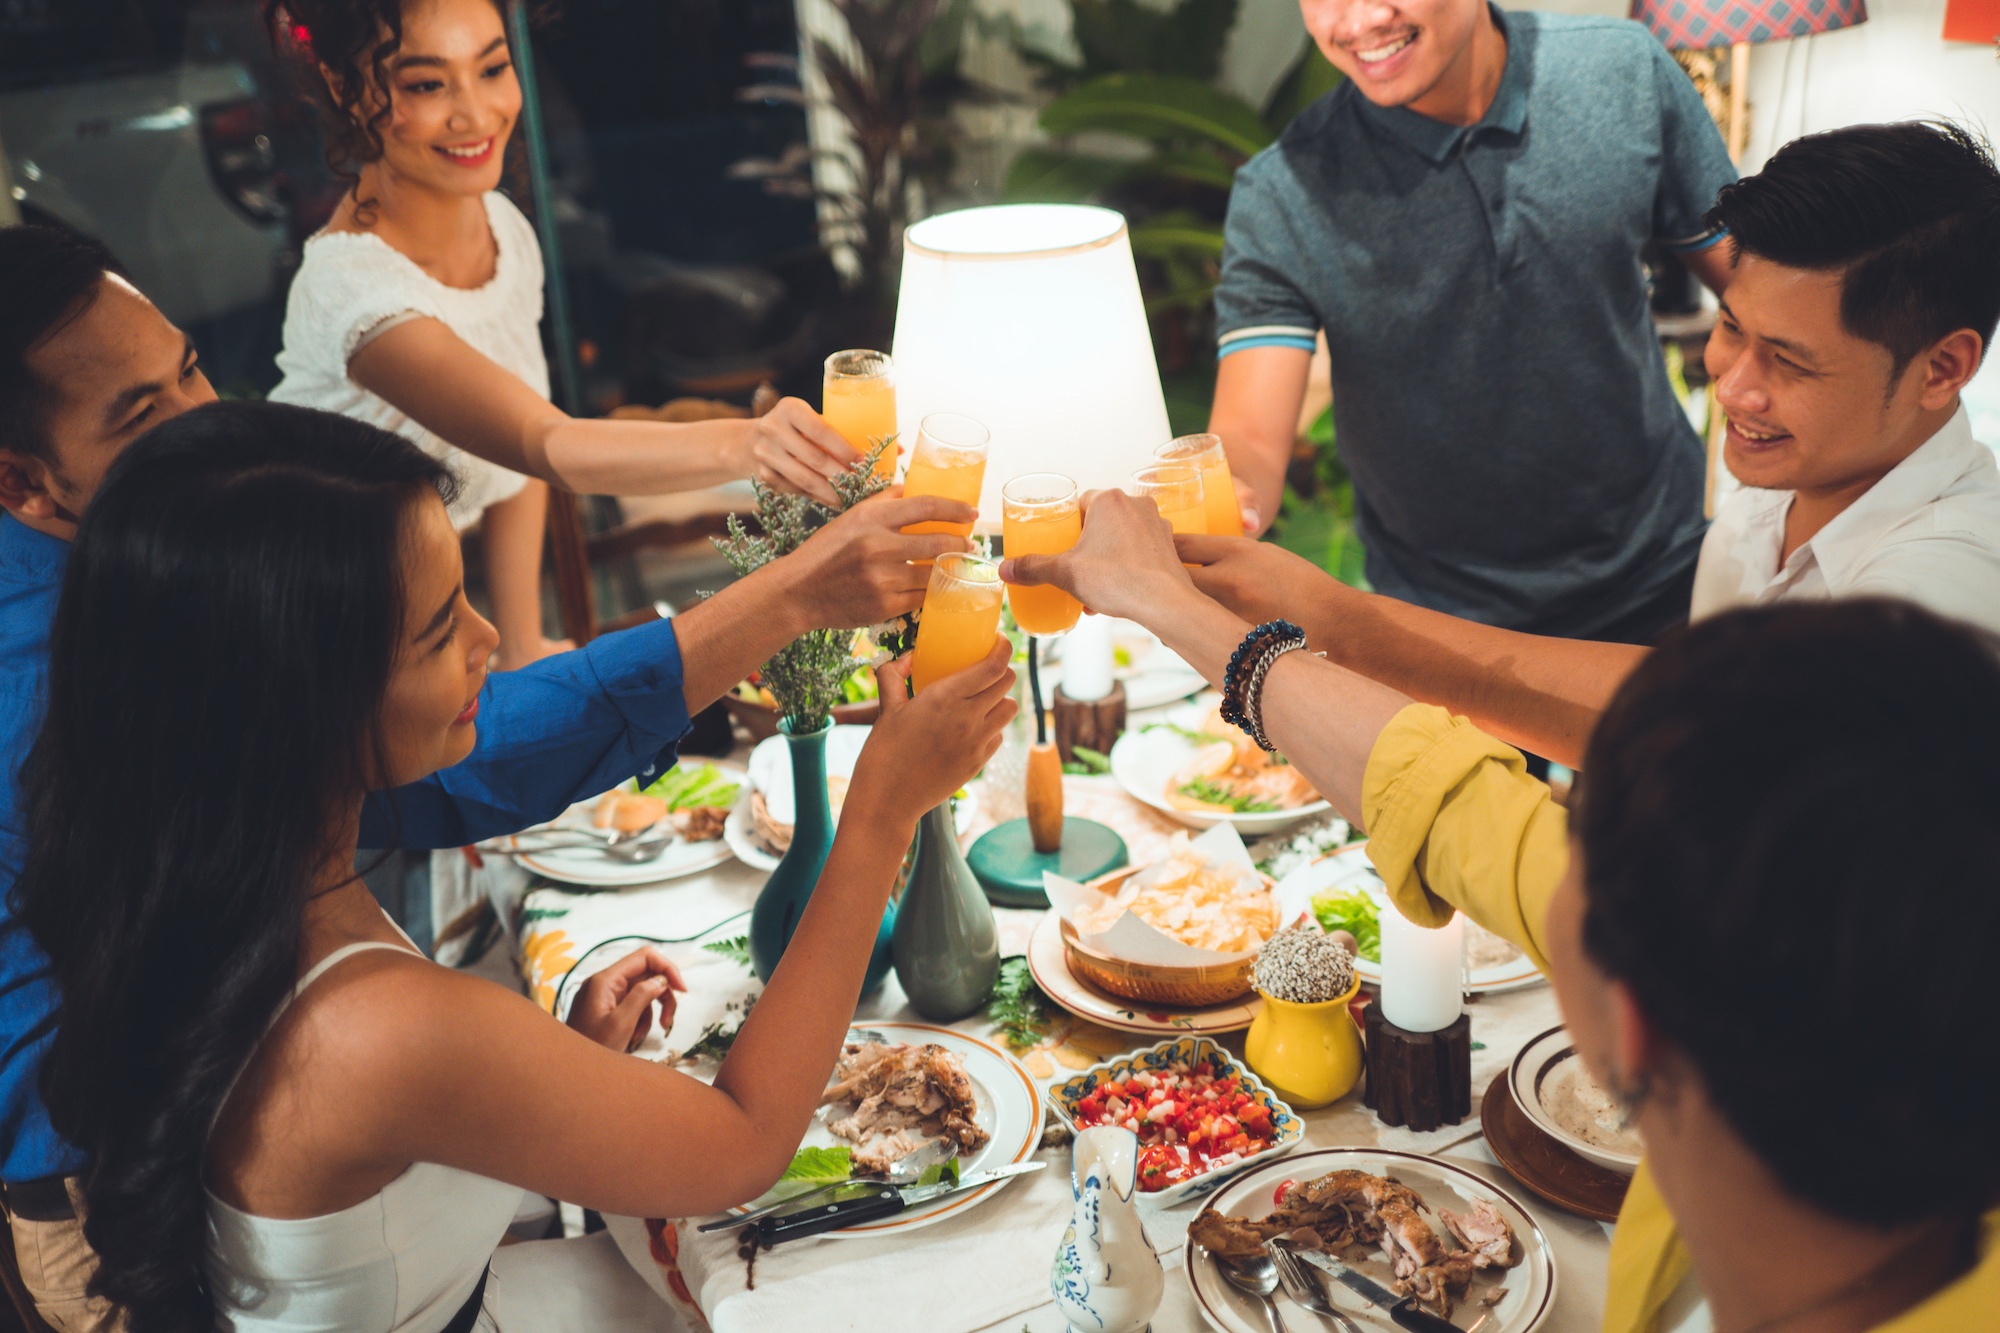 friends eating together, restaurant